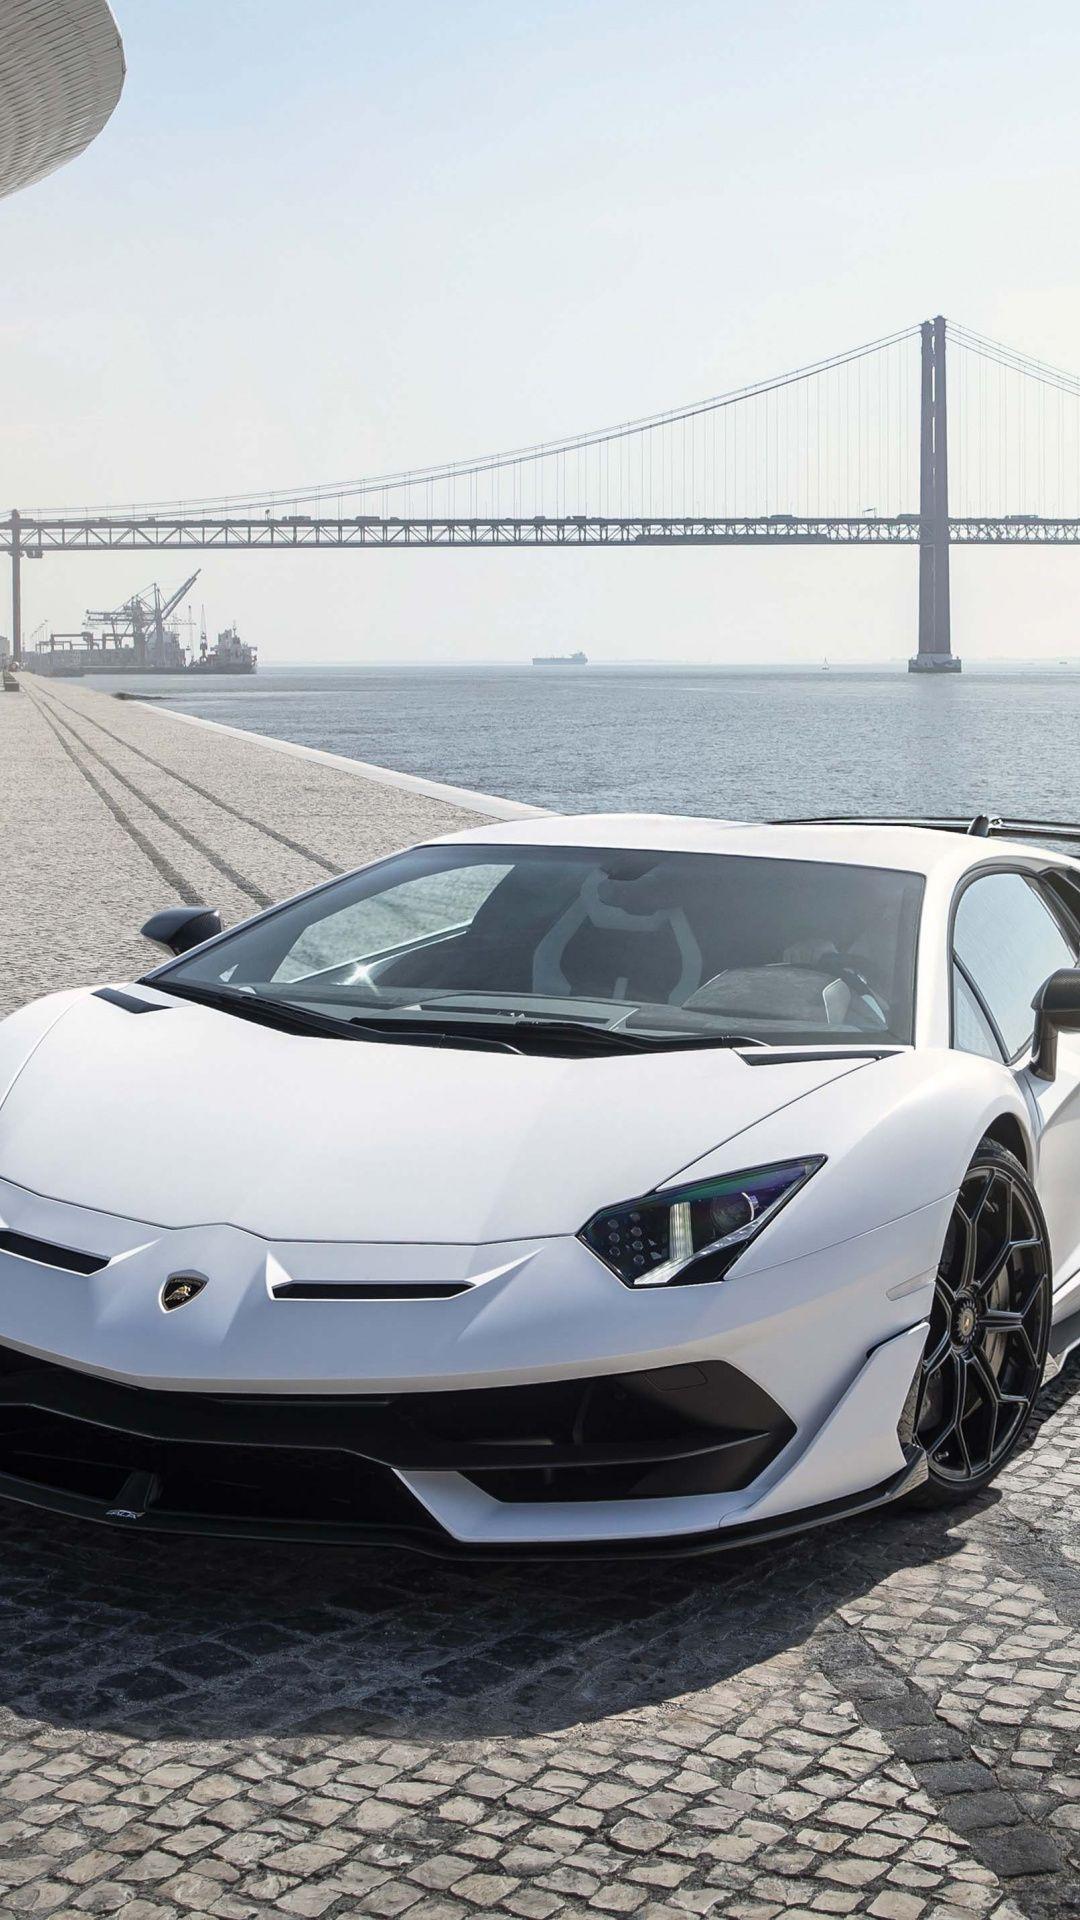 Lamborghini Aventador Svj White Lisbon Sports Car 1080x1920 Wallpaper Lamborghini Aventador Lamborghini Sports Car